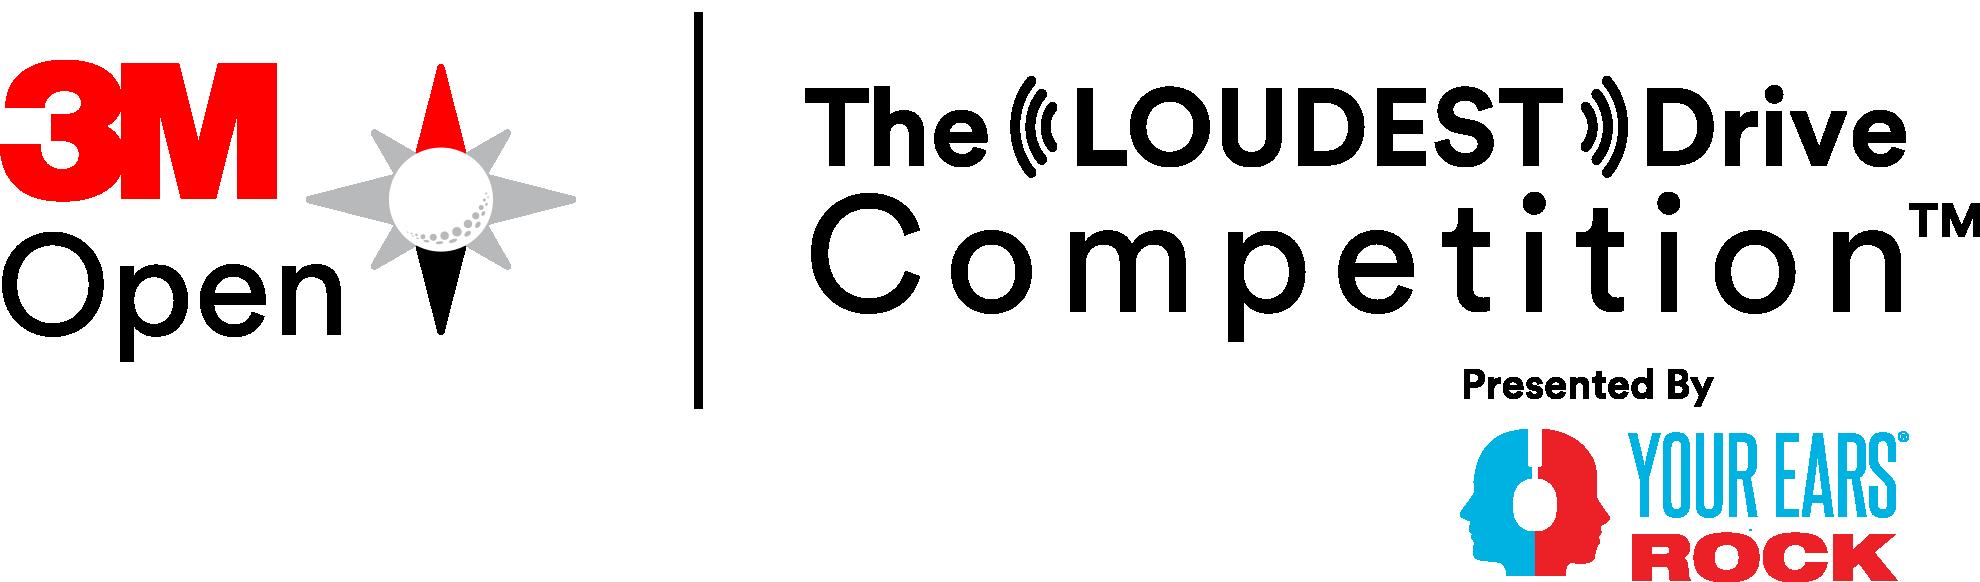 eventLogo